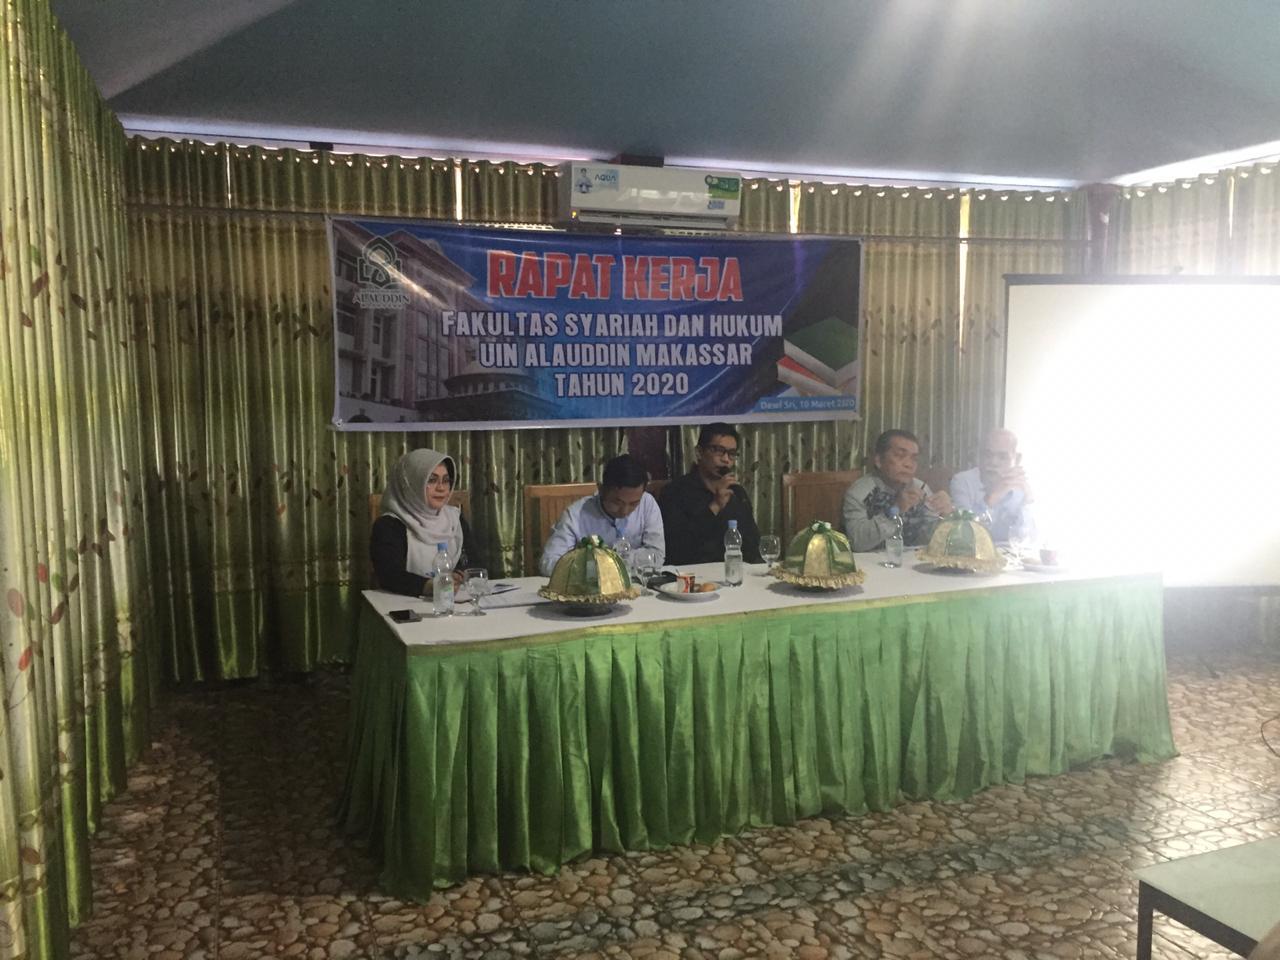 Fakultas Syariah dan Hukum Gelar Rapat Kerja Tahun 2020